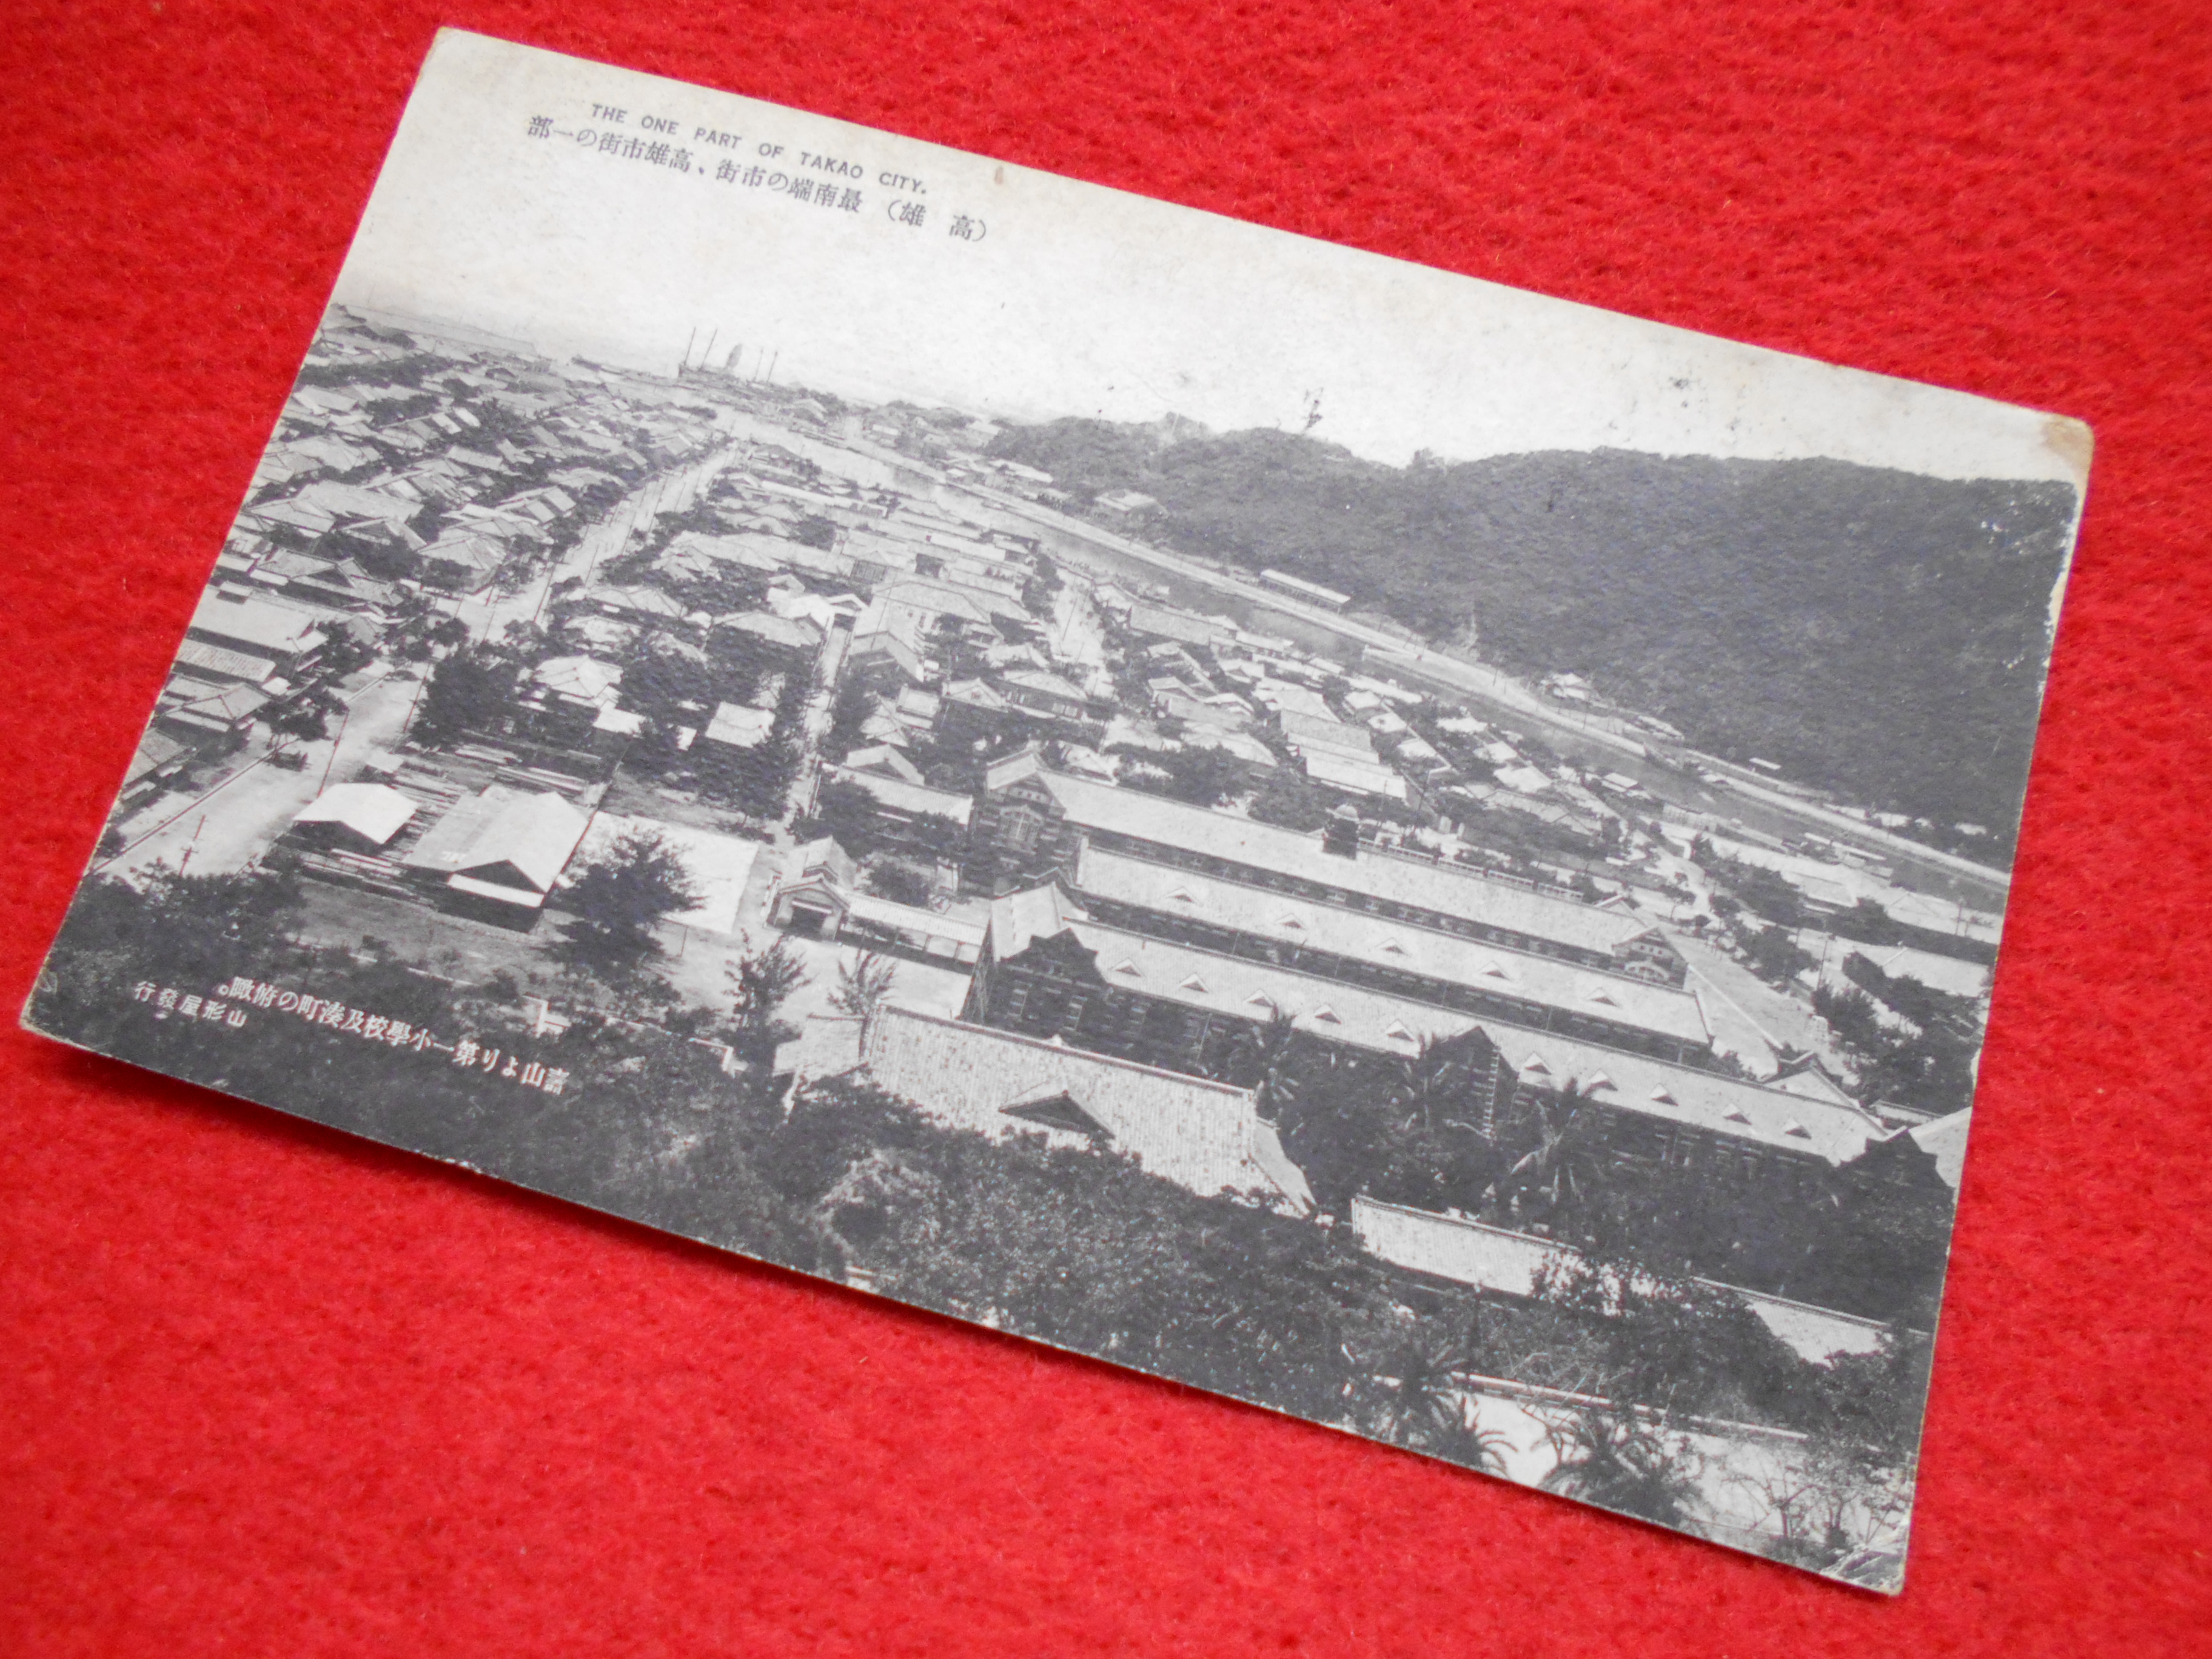 戦前台湾絵葉書【最南端の市街地 高雄市街の一部】買取いたしますの画像